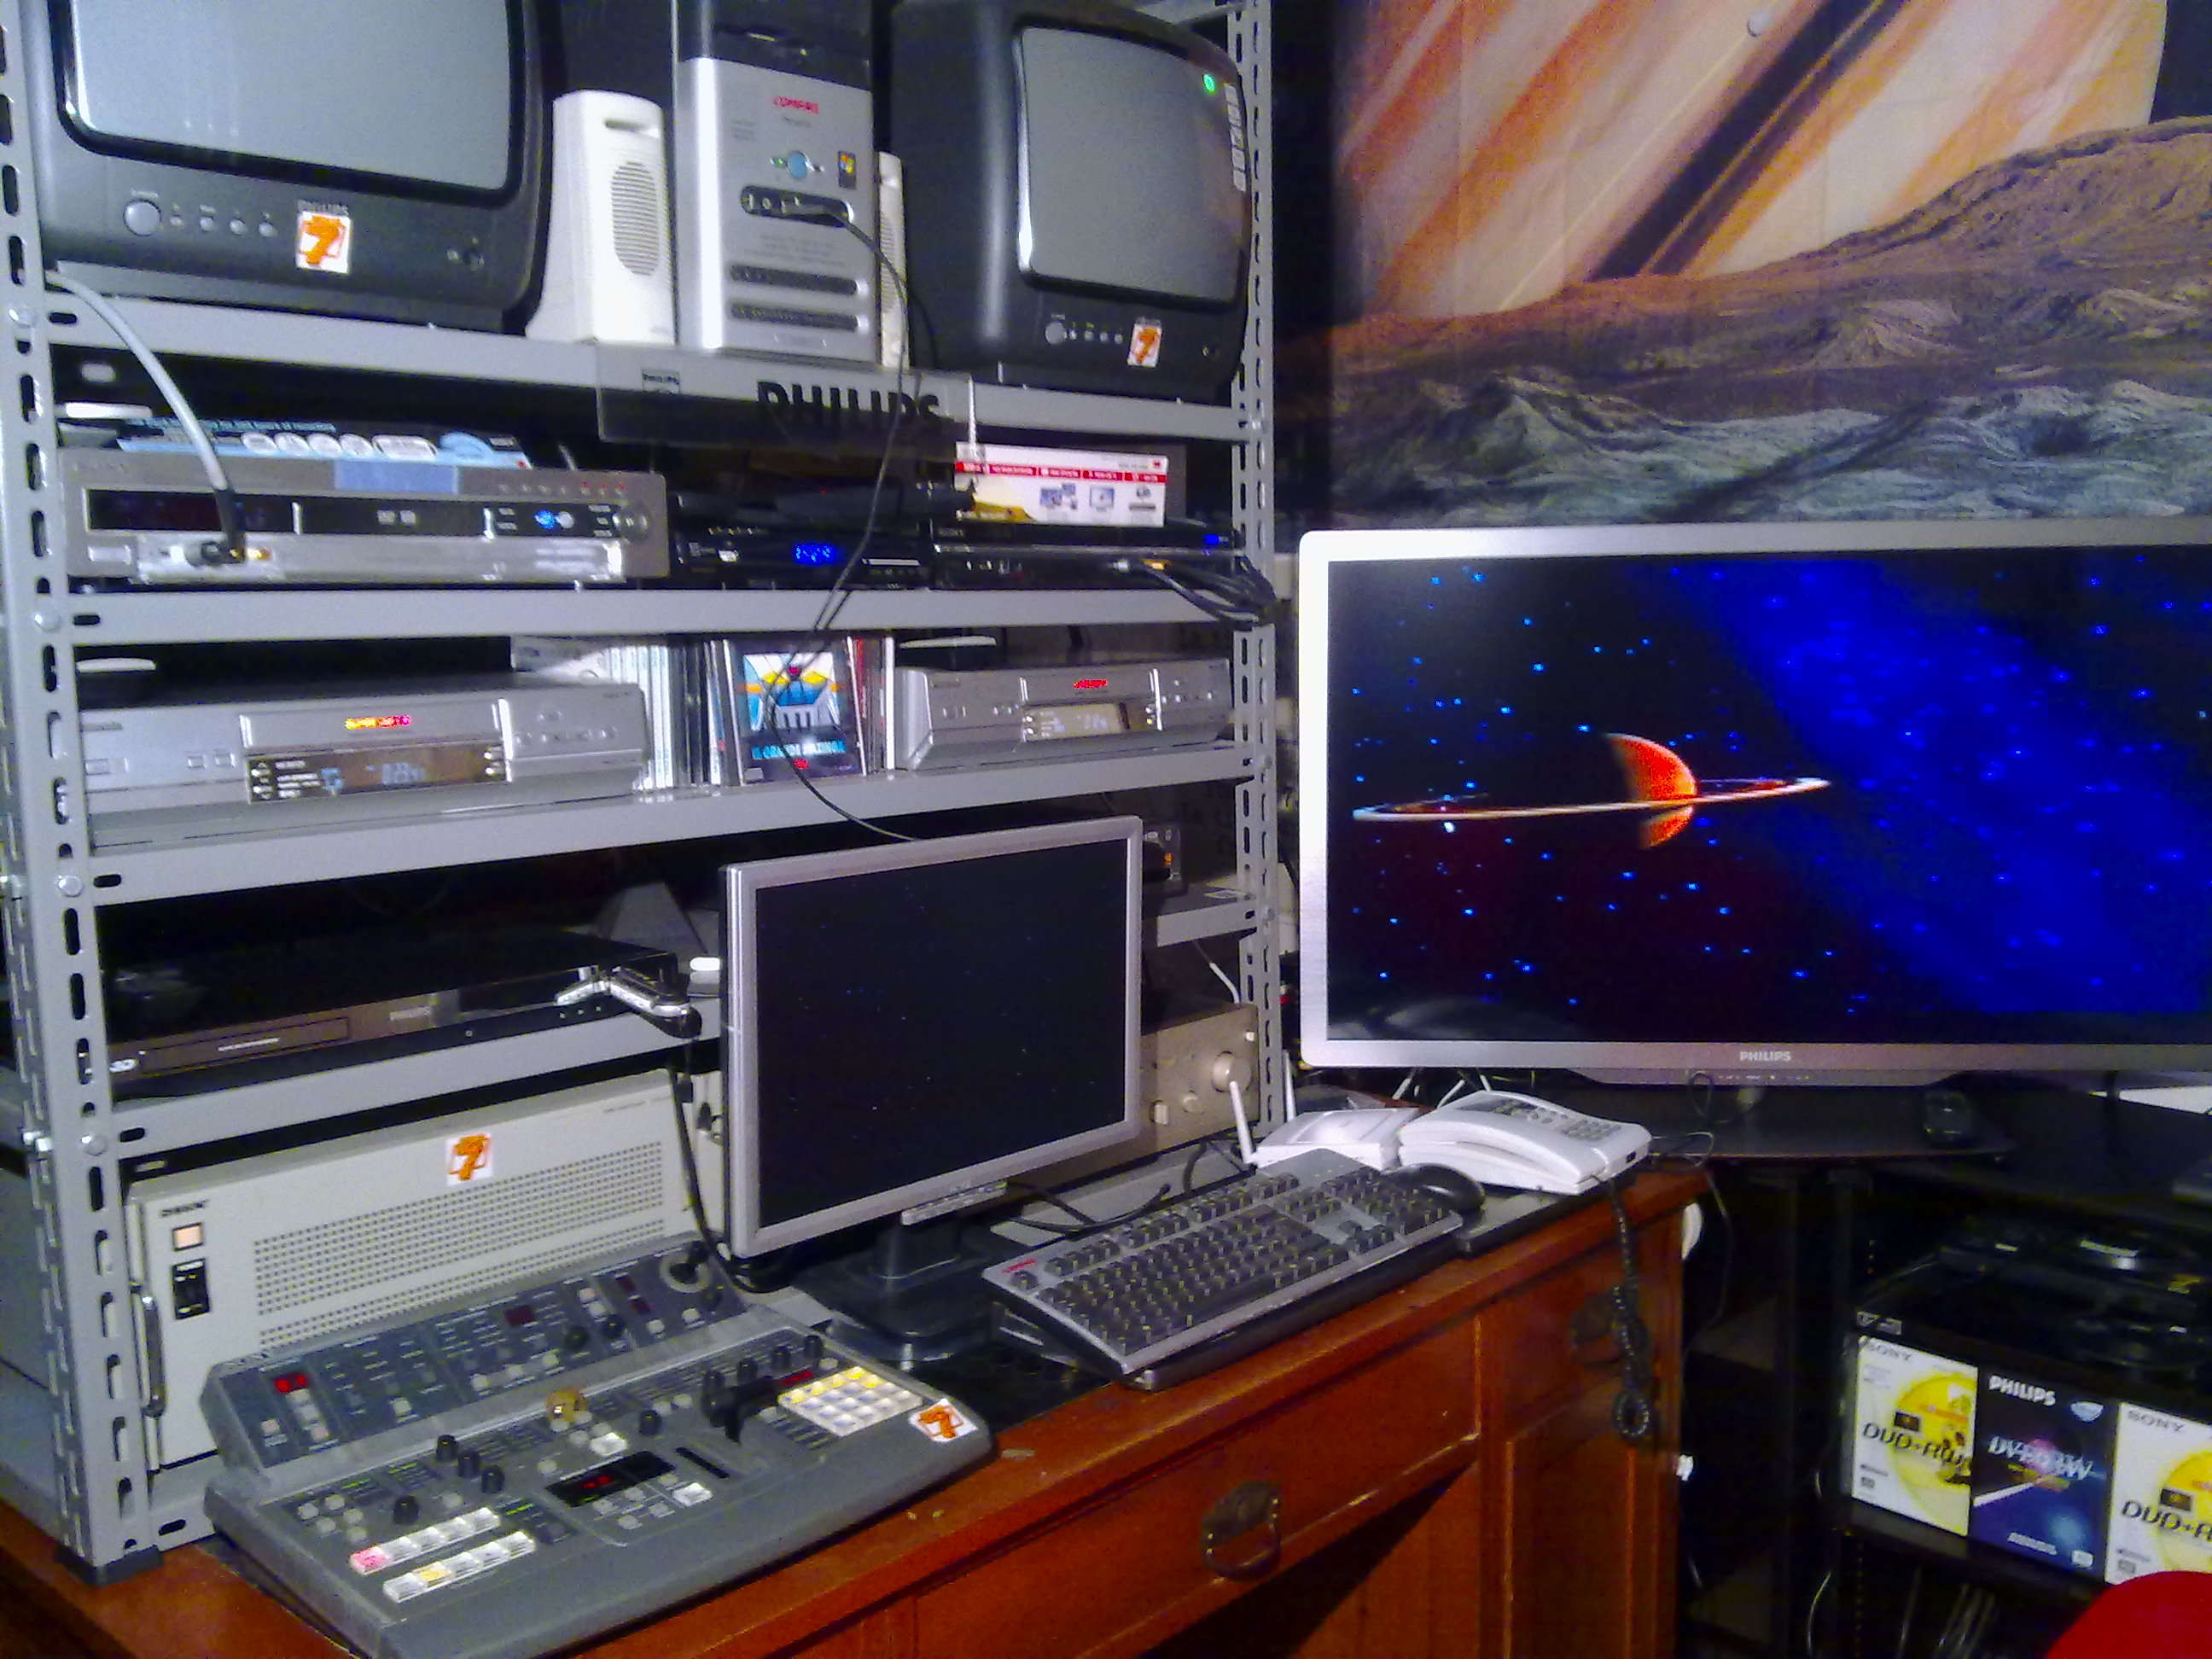 SEBY MIDOLO REGIA TELEVISIVA BROADCAST CPTV FORTEZZA DELLE SCIENZE SIRACUSA